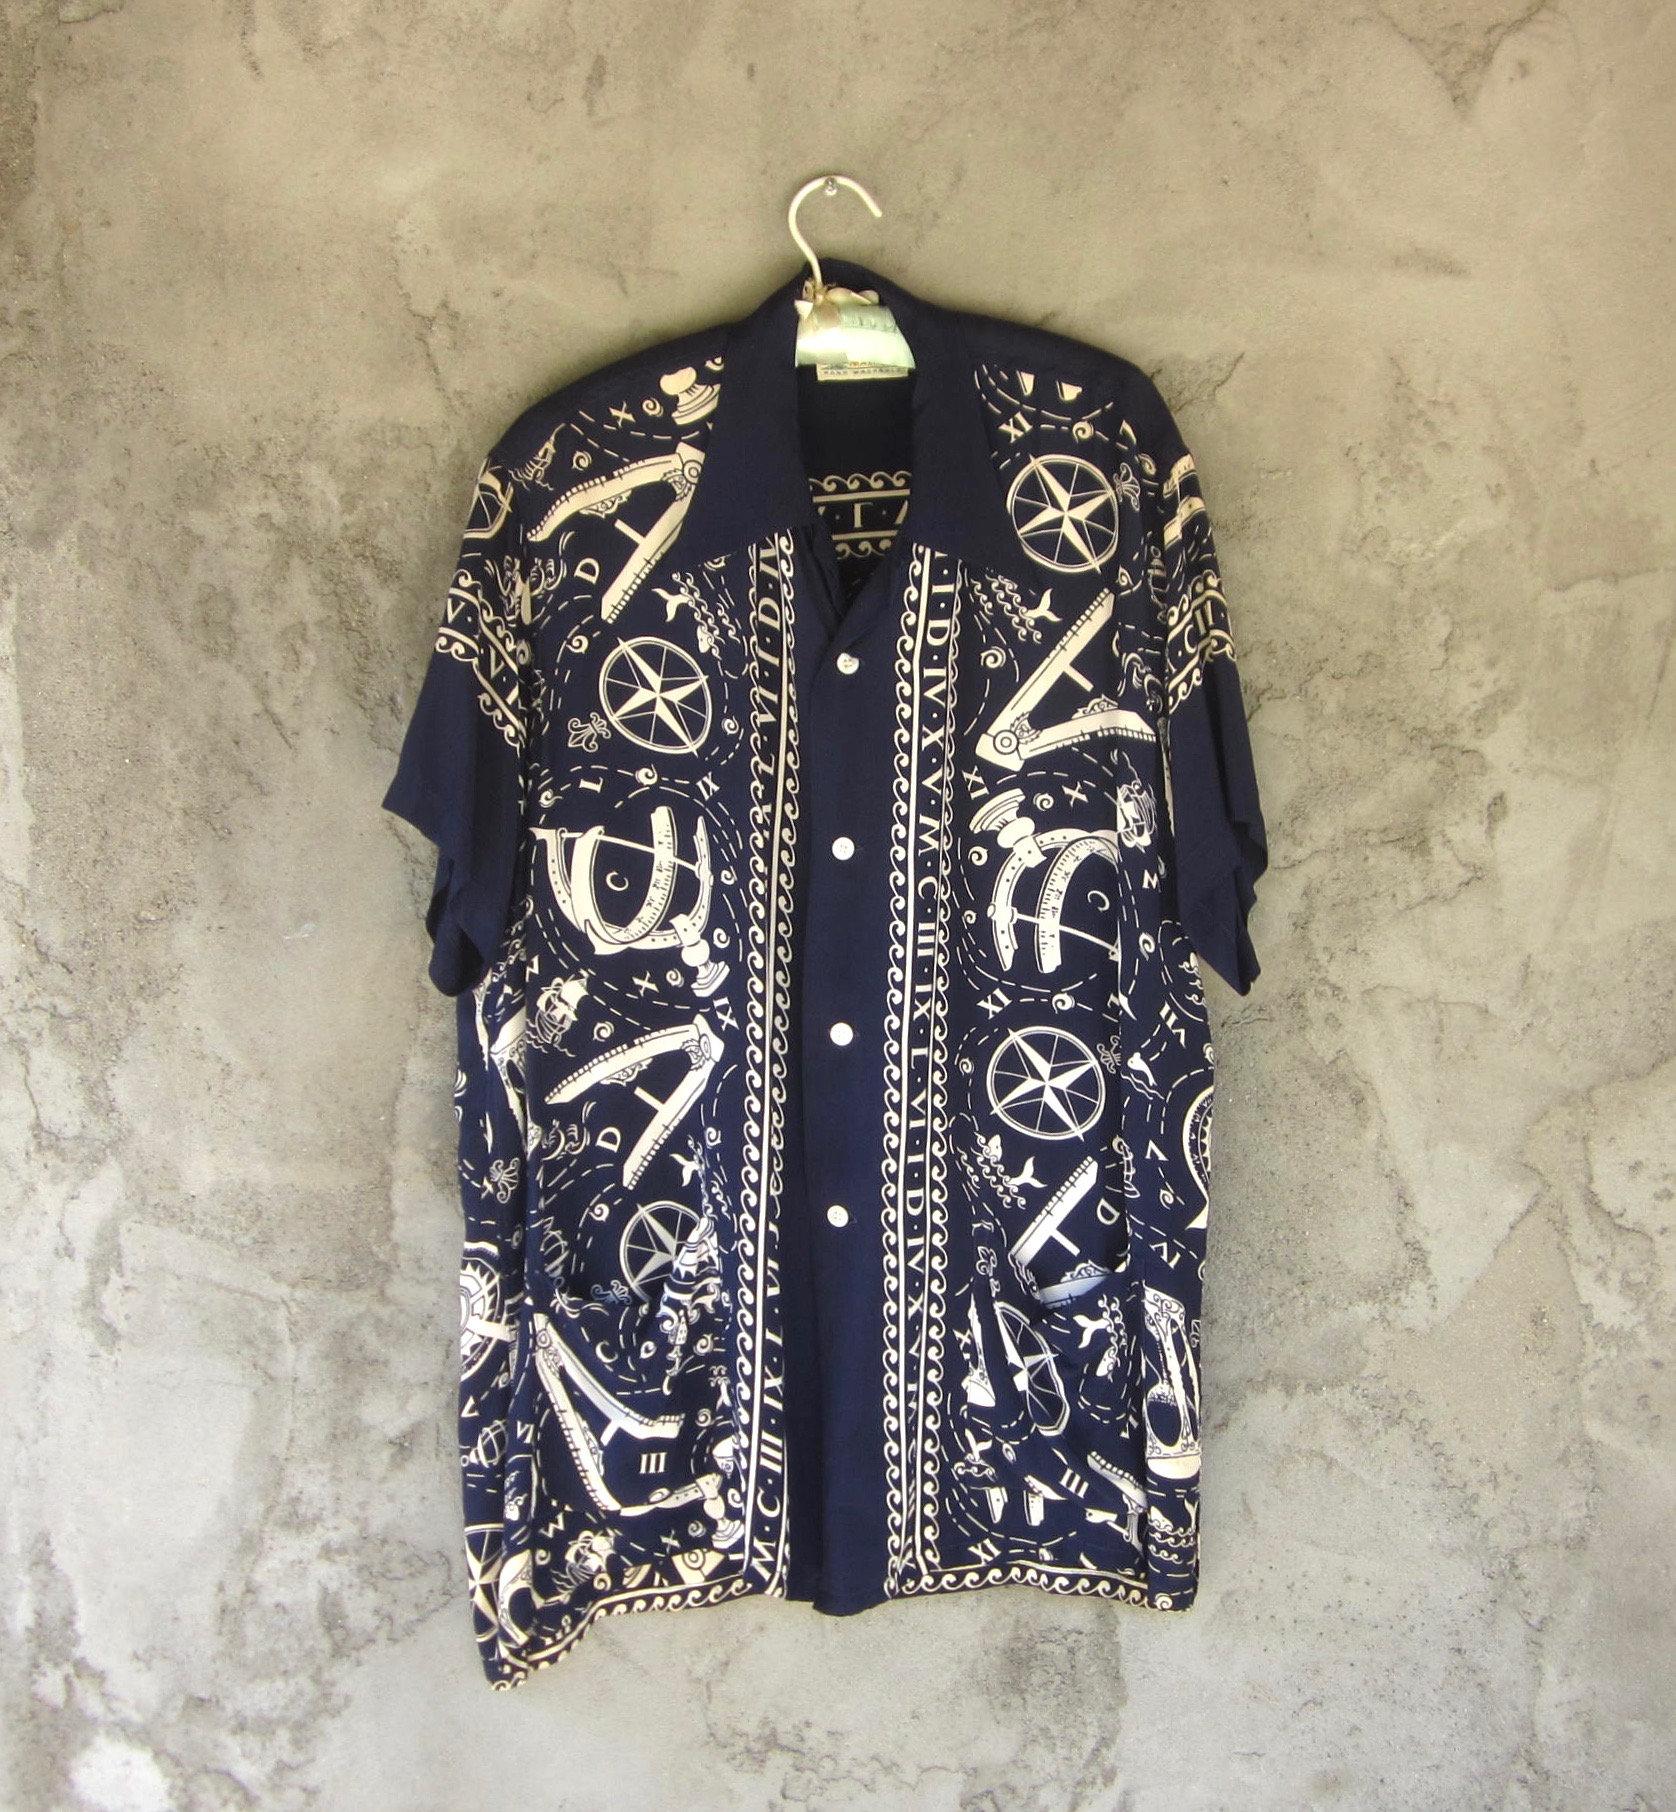 1940s Men's Shirts, Sweaters, Vests 1940S Rayon Hawaiian Shirt Not A Repro Mack Hawaii Shirt Jac Authentic Sailing Charts Navigation Motif Novelty $350.00 AT vintagedancer.com